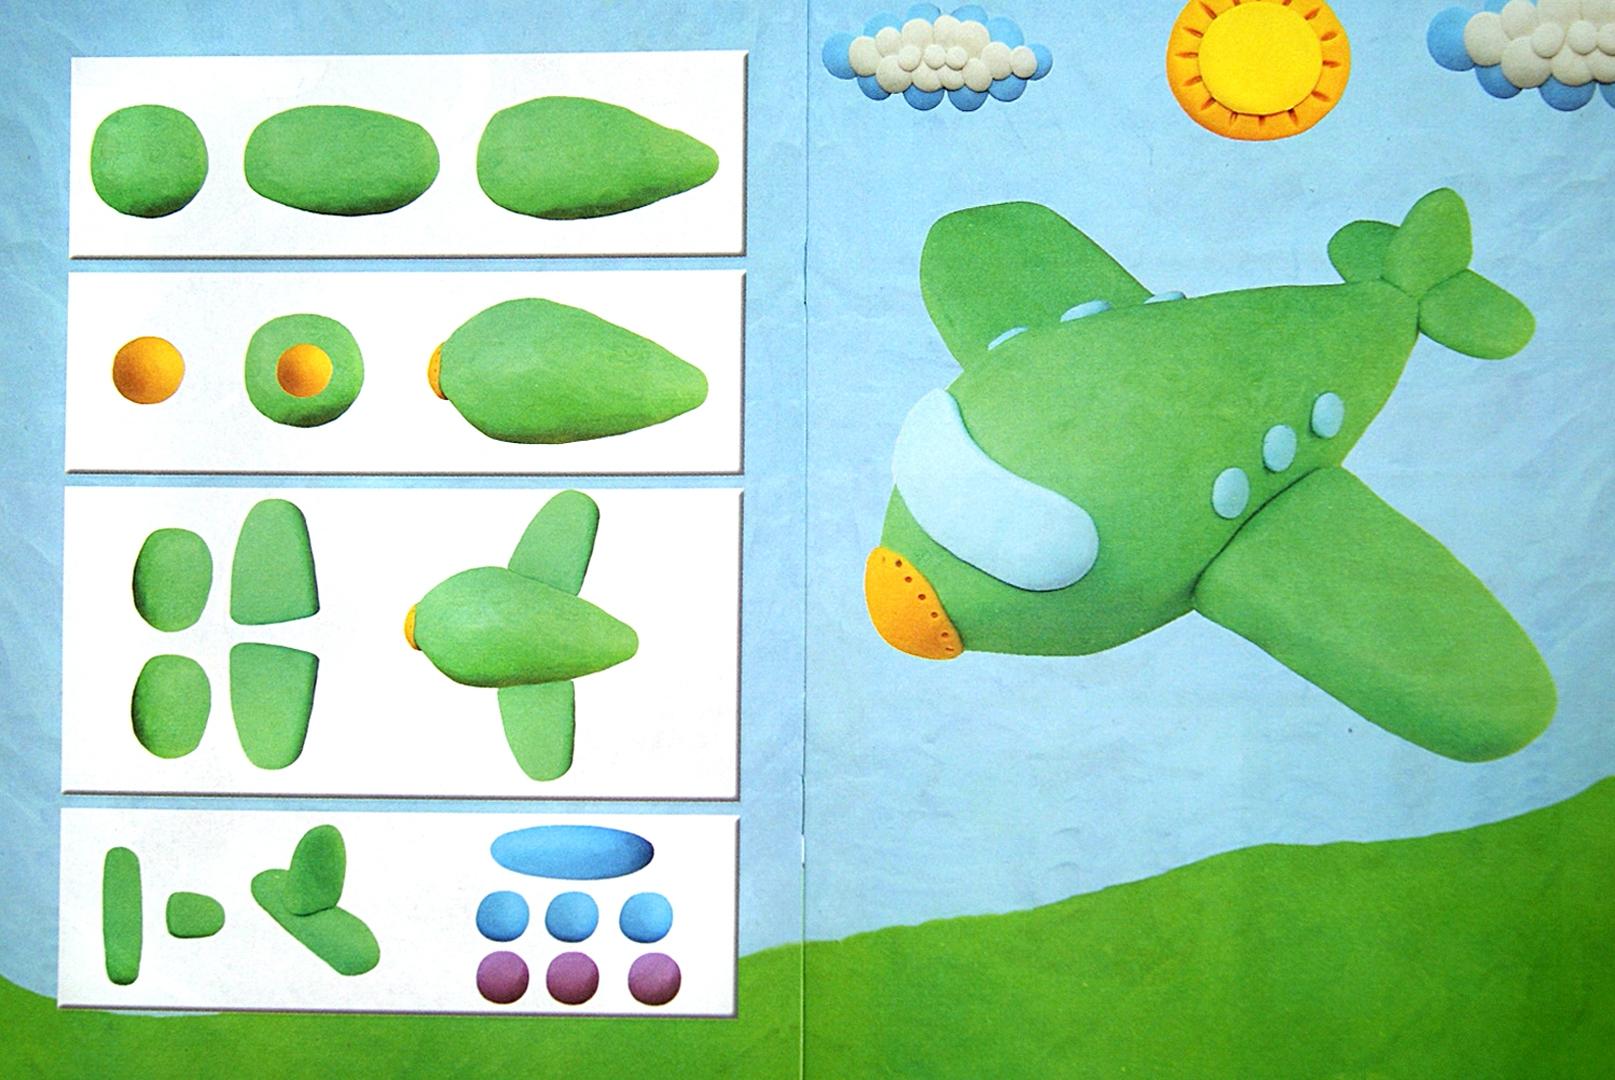 Увлекательная пластилинография для детей